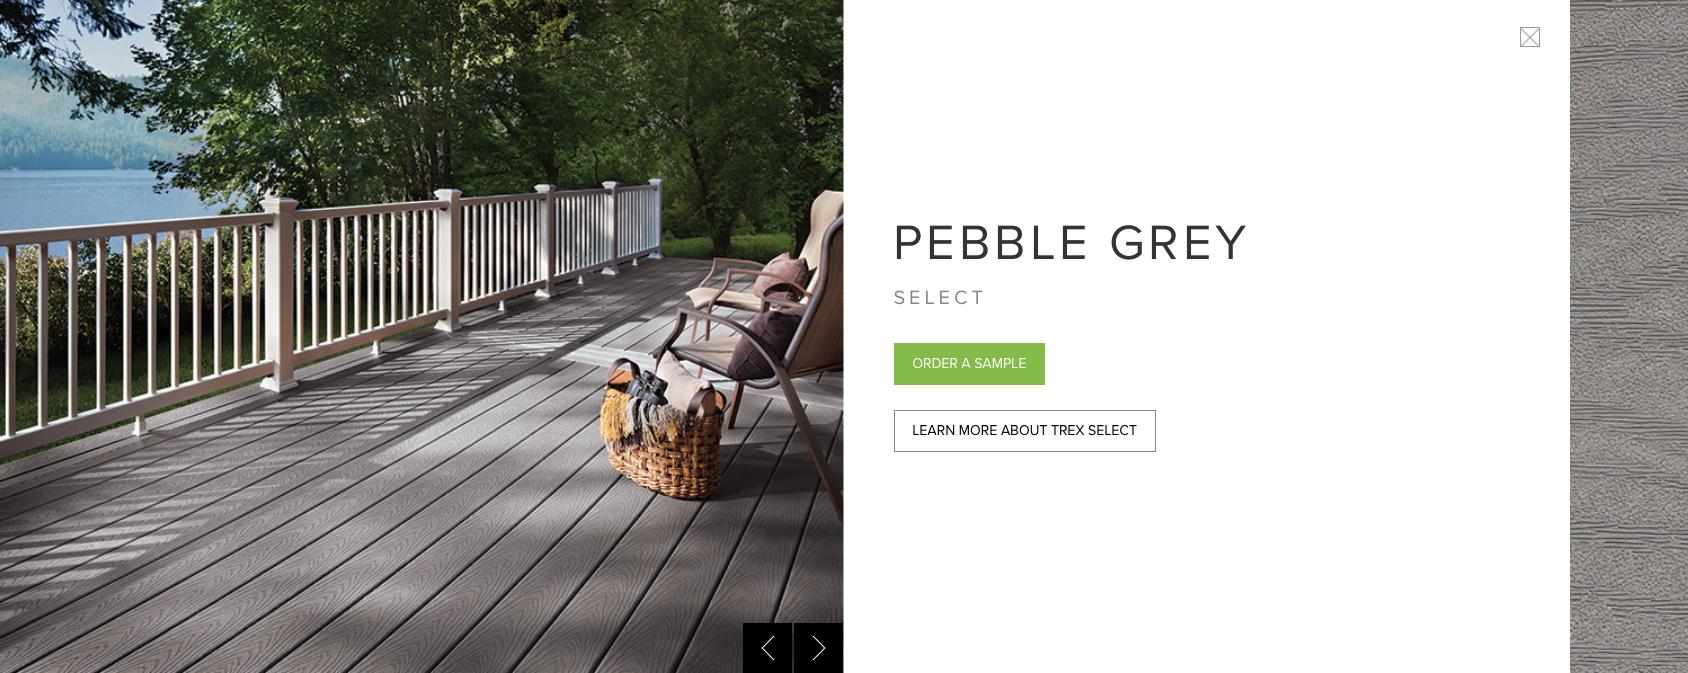 Trex Select Pebble Grey